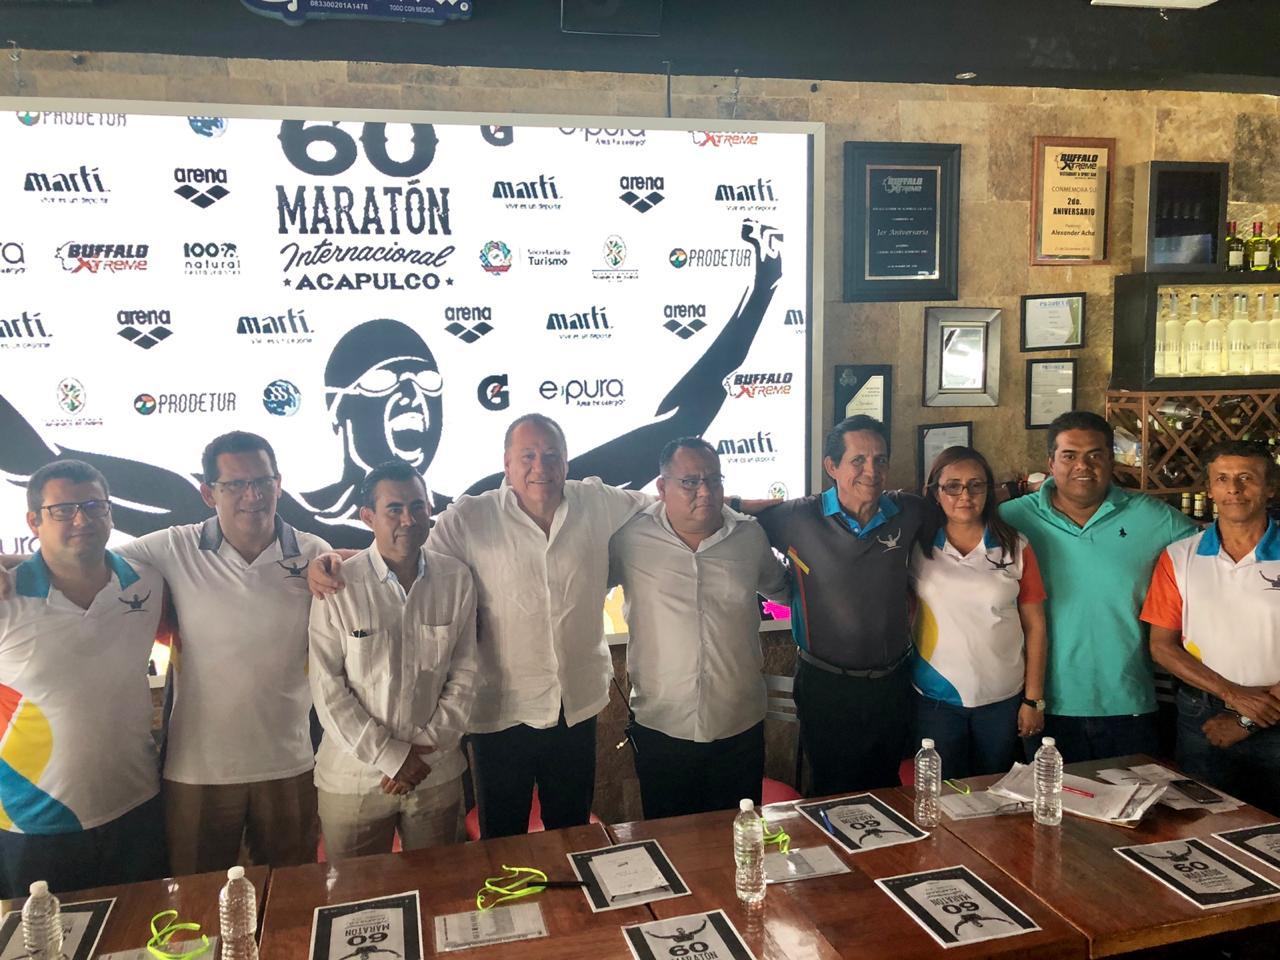 El Próximo sábado y domingo se llevará a cabo el 60 Maratón Internacional Acapulco